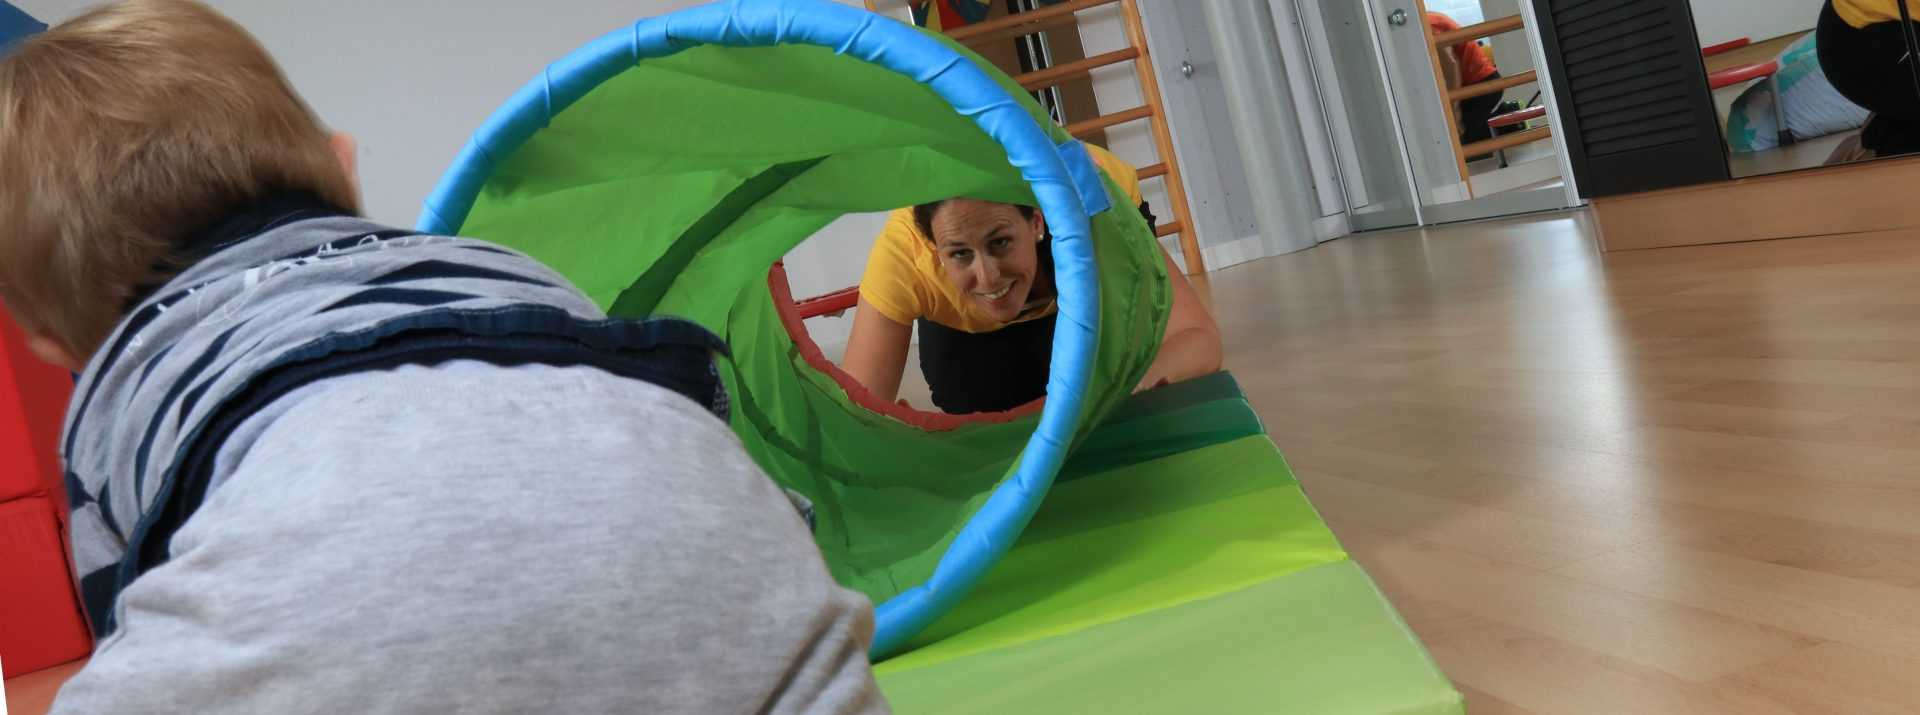 Spielerische und gezielte Behandlung von Kindern.